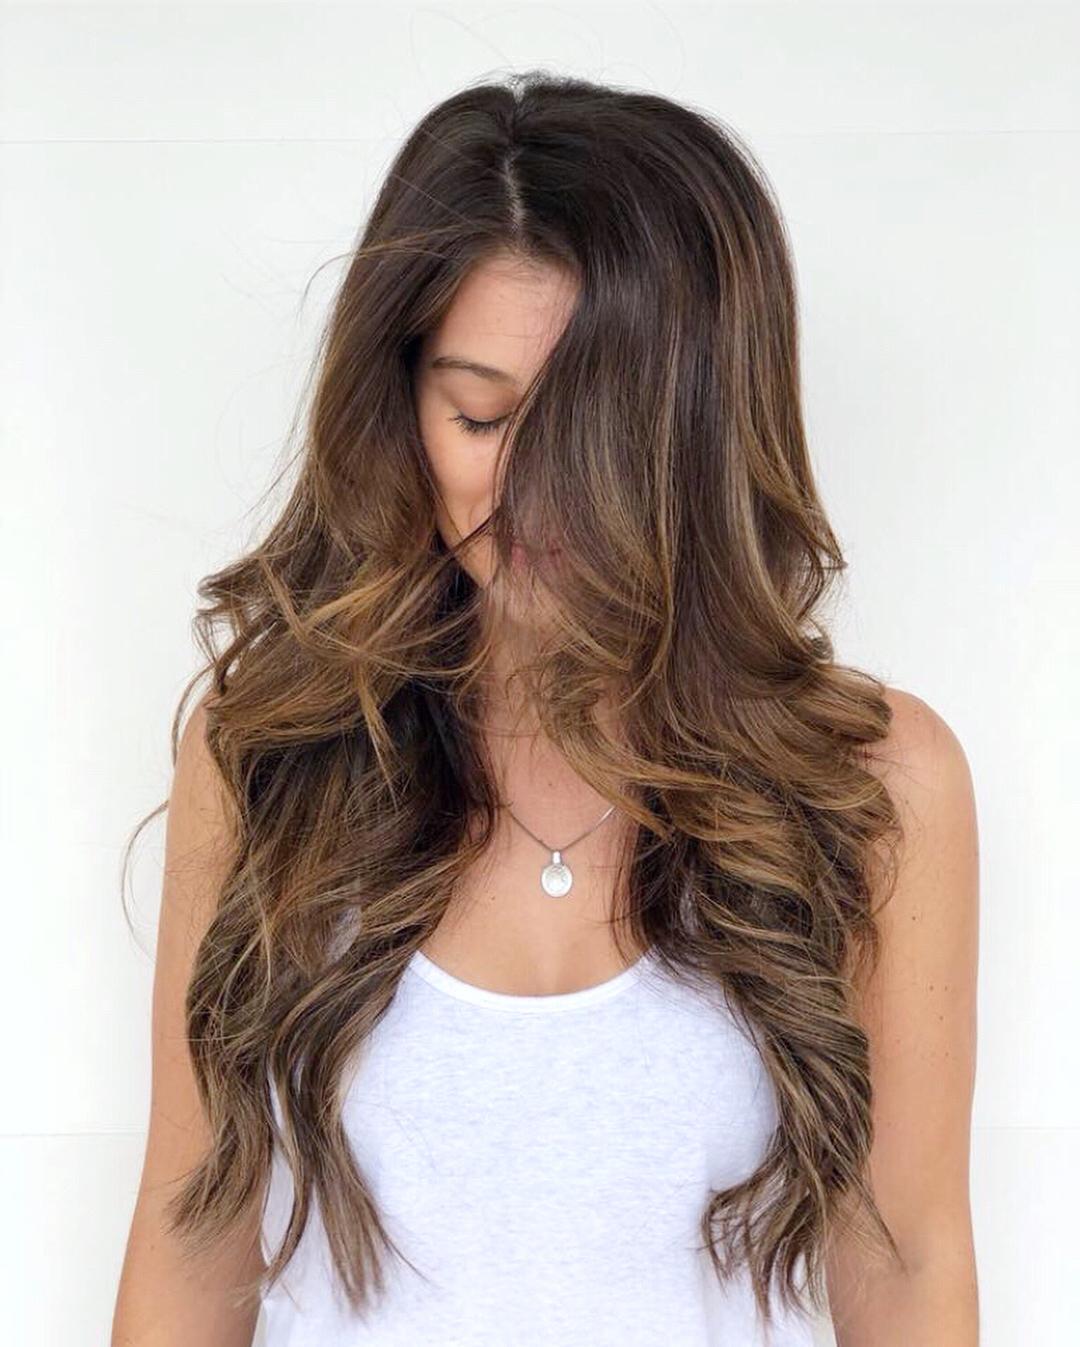 Hair We Love July 9th - 15th 2018